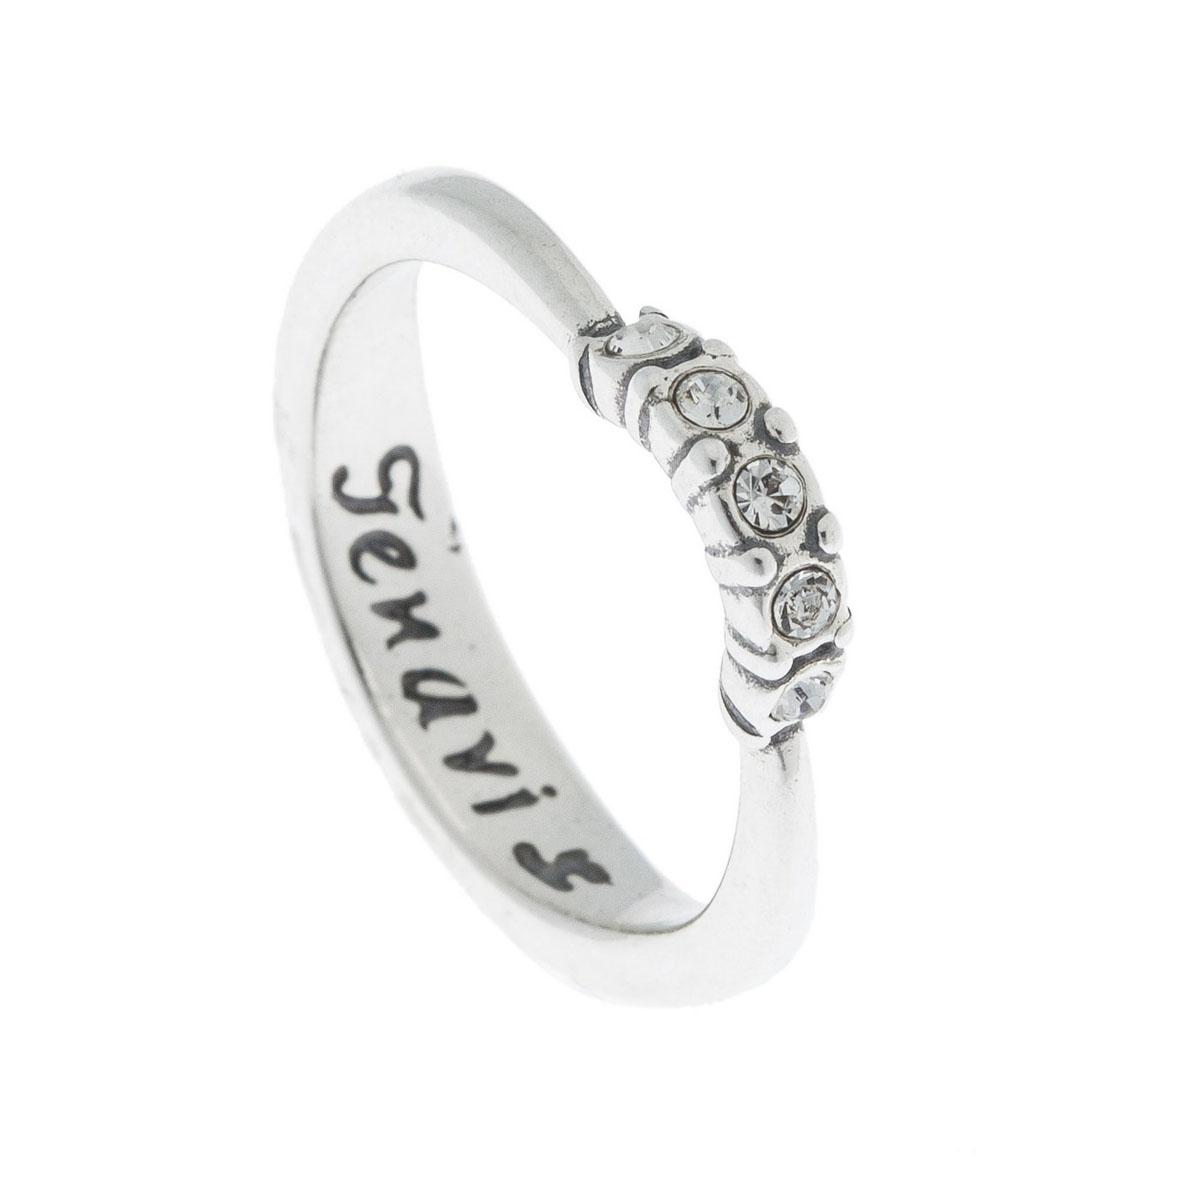 Кольцо Jenavi Эдра, цвет: серебро, белый. k4903000. Размер 17k4903000Коллекция Э, Эдра (Кольцо) гипоаллергенный ювелирный сплав,Черненое серебро, вставка Кристаллы Swarovski